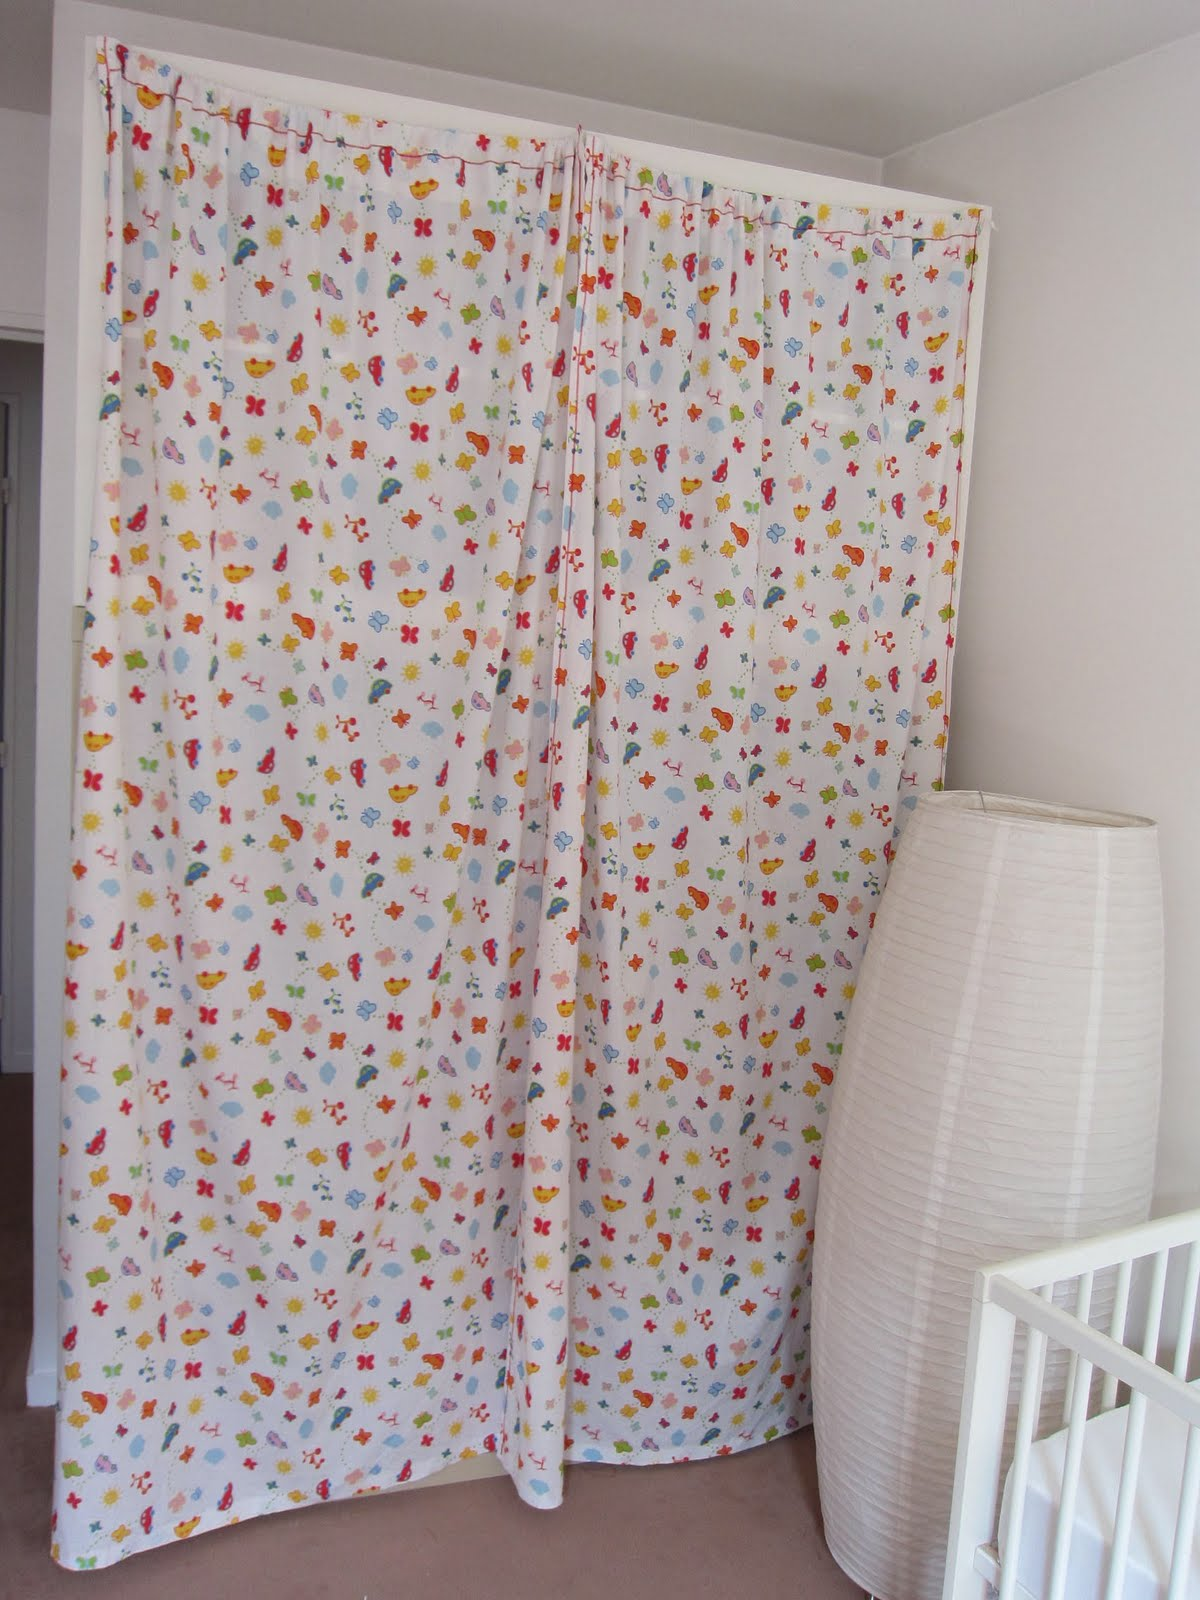 Maman parisienne rideaux pour cacher la biblioth que - Comment mettre des oeillets sur des rideaux ...